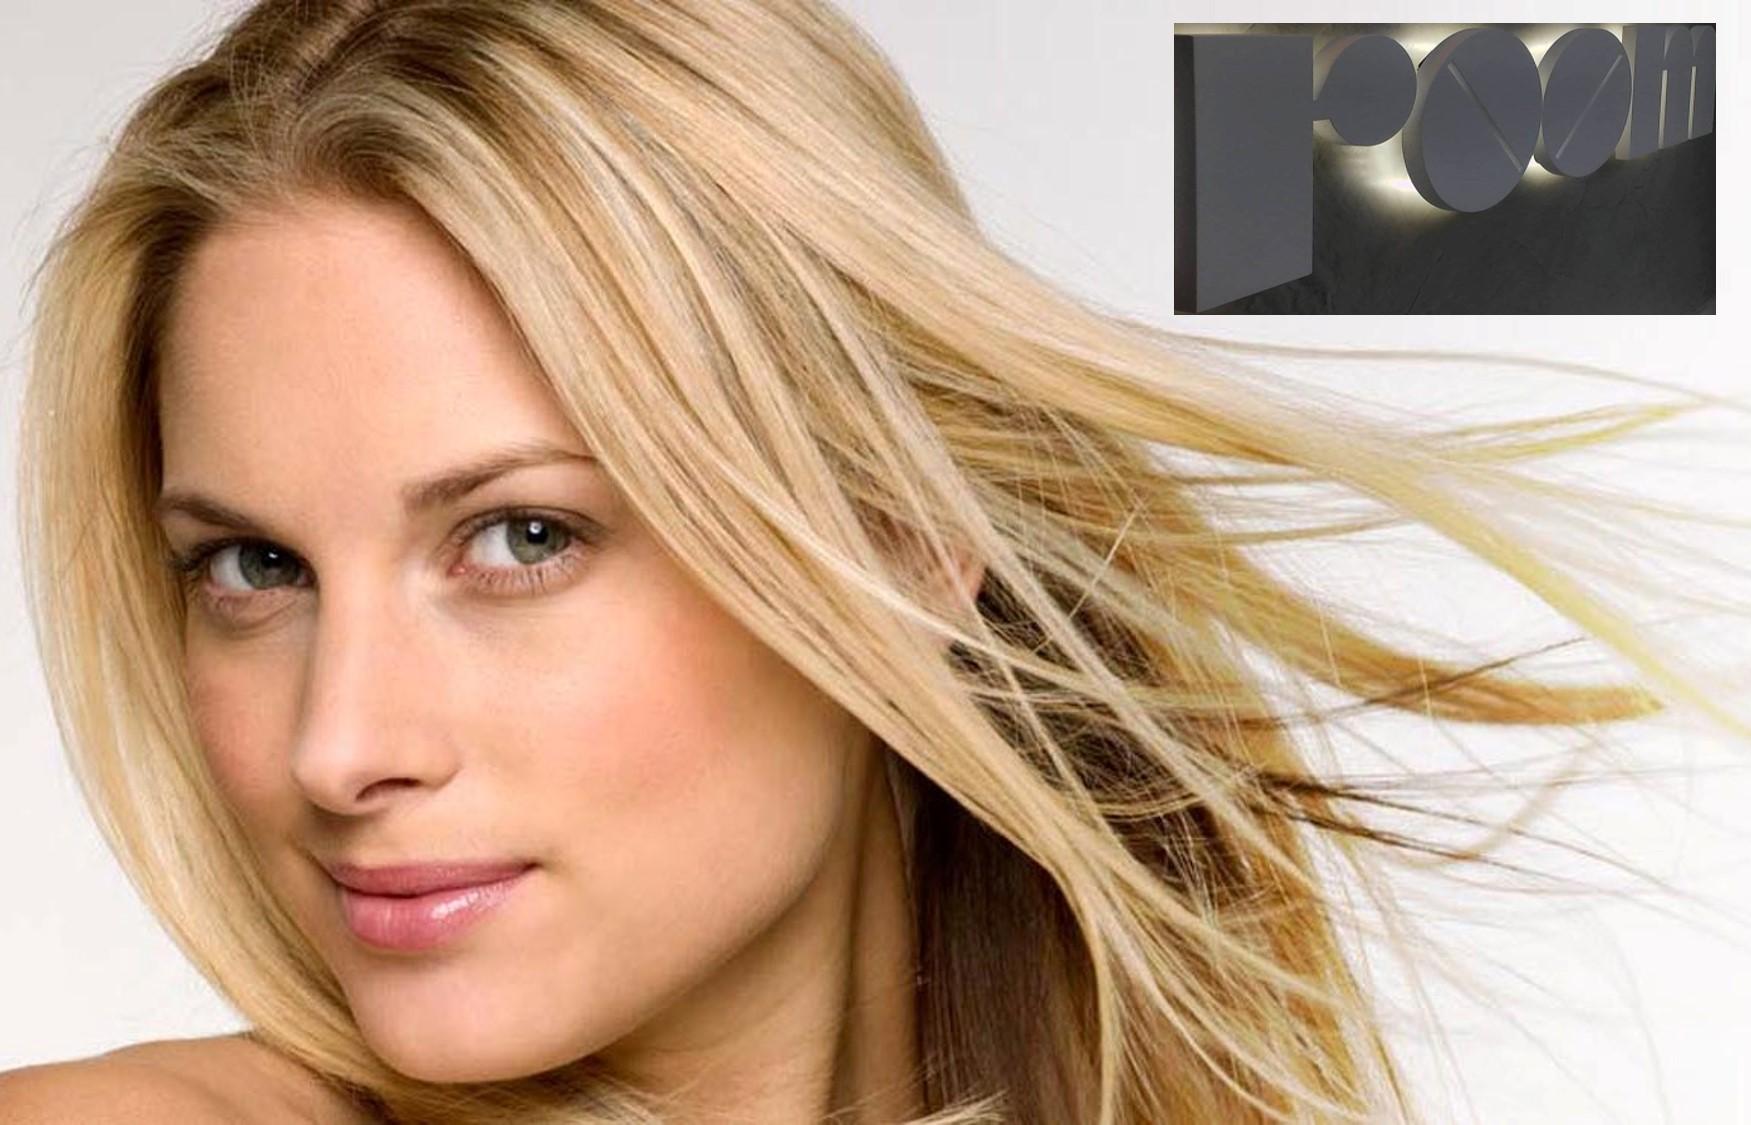 35€ από 78€ για Ανταύγειες ή Ombre ή Mπαλαγιάζ, Ρεφλέ, Κούρεμα, Χτένισμα (Ίσιωμα ή Φλου) στο ολοκαίνουργιο ''Room Hair Salon'' στο Αιγάλεω εικόνα